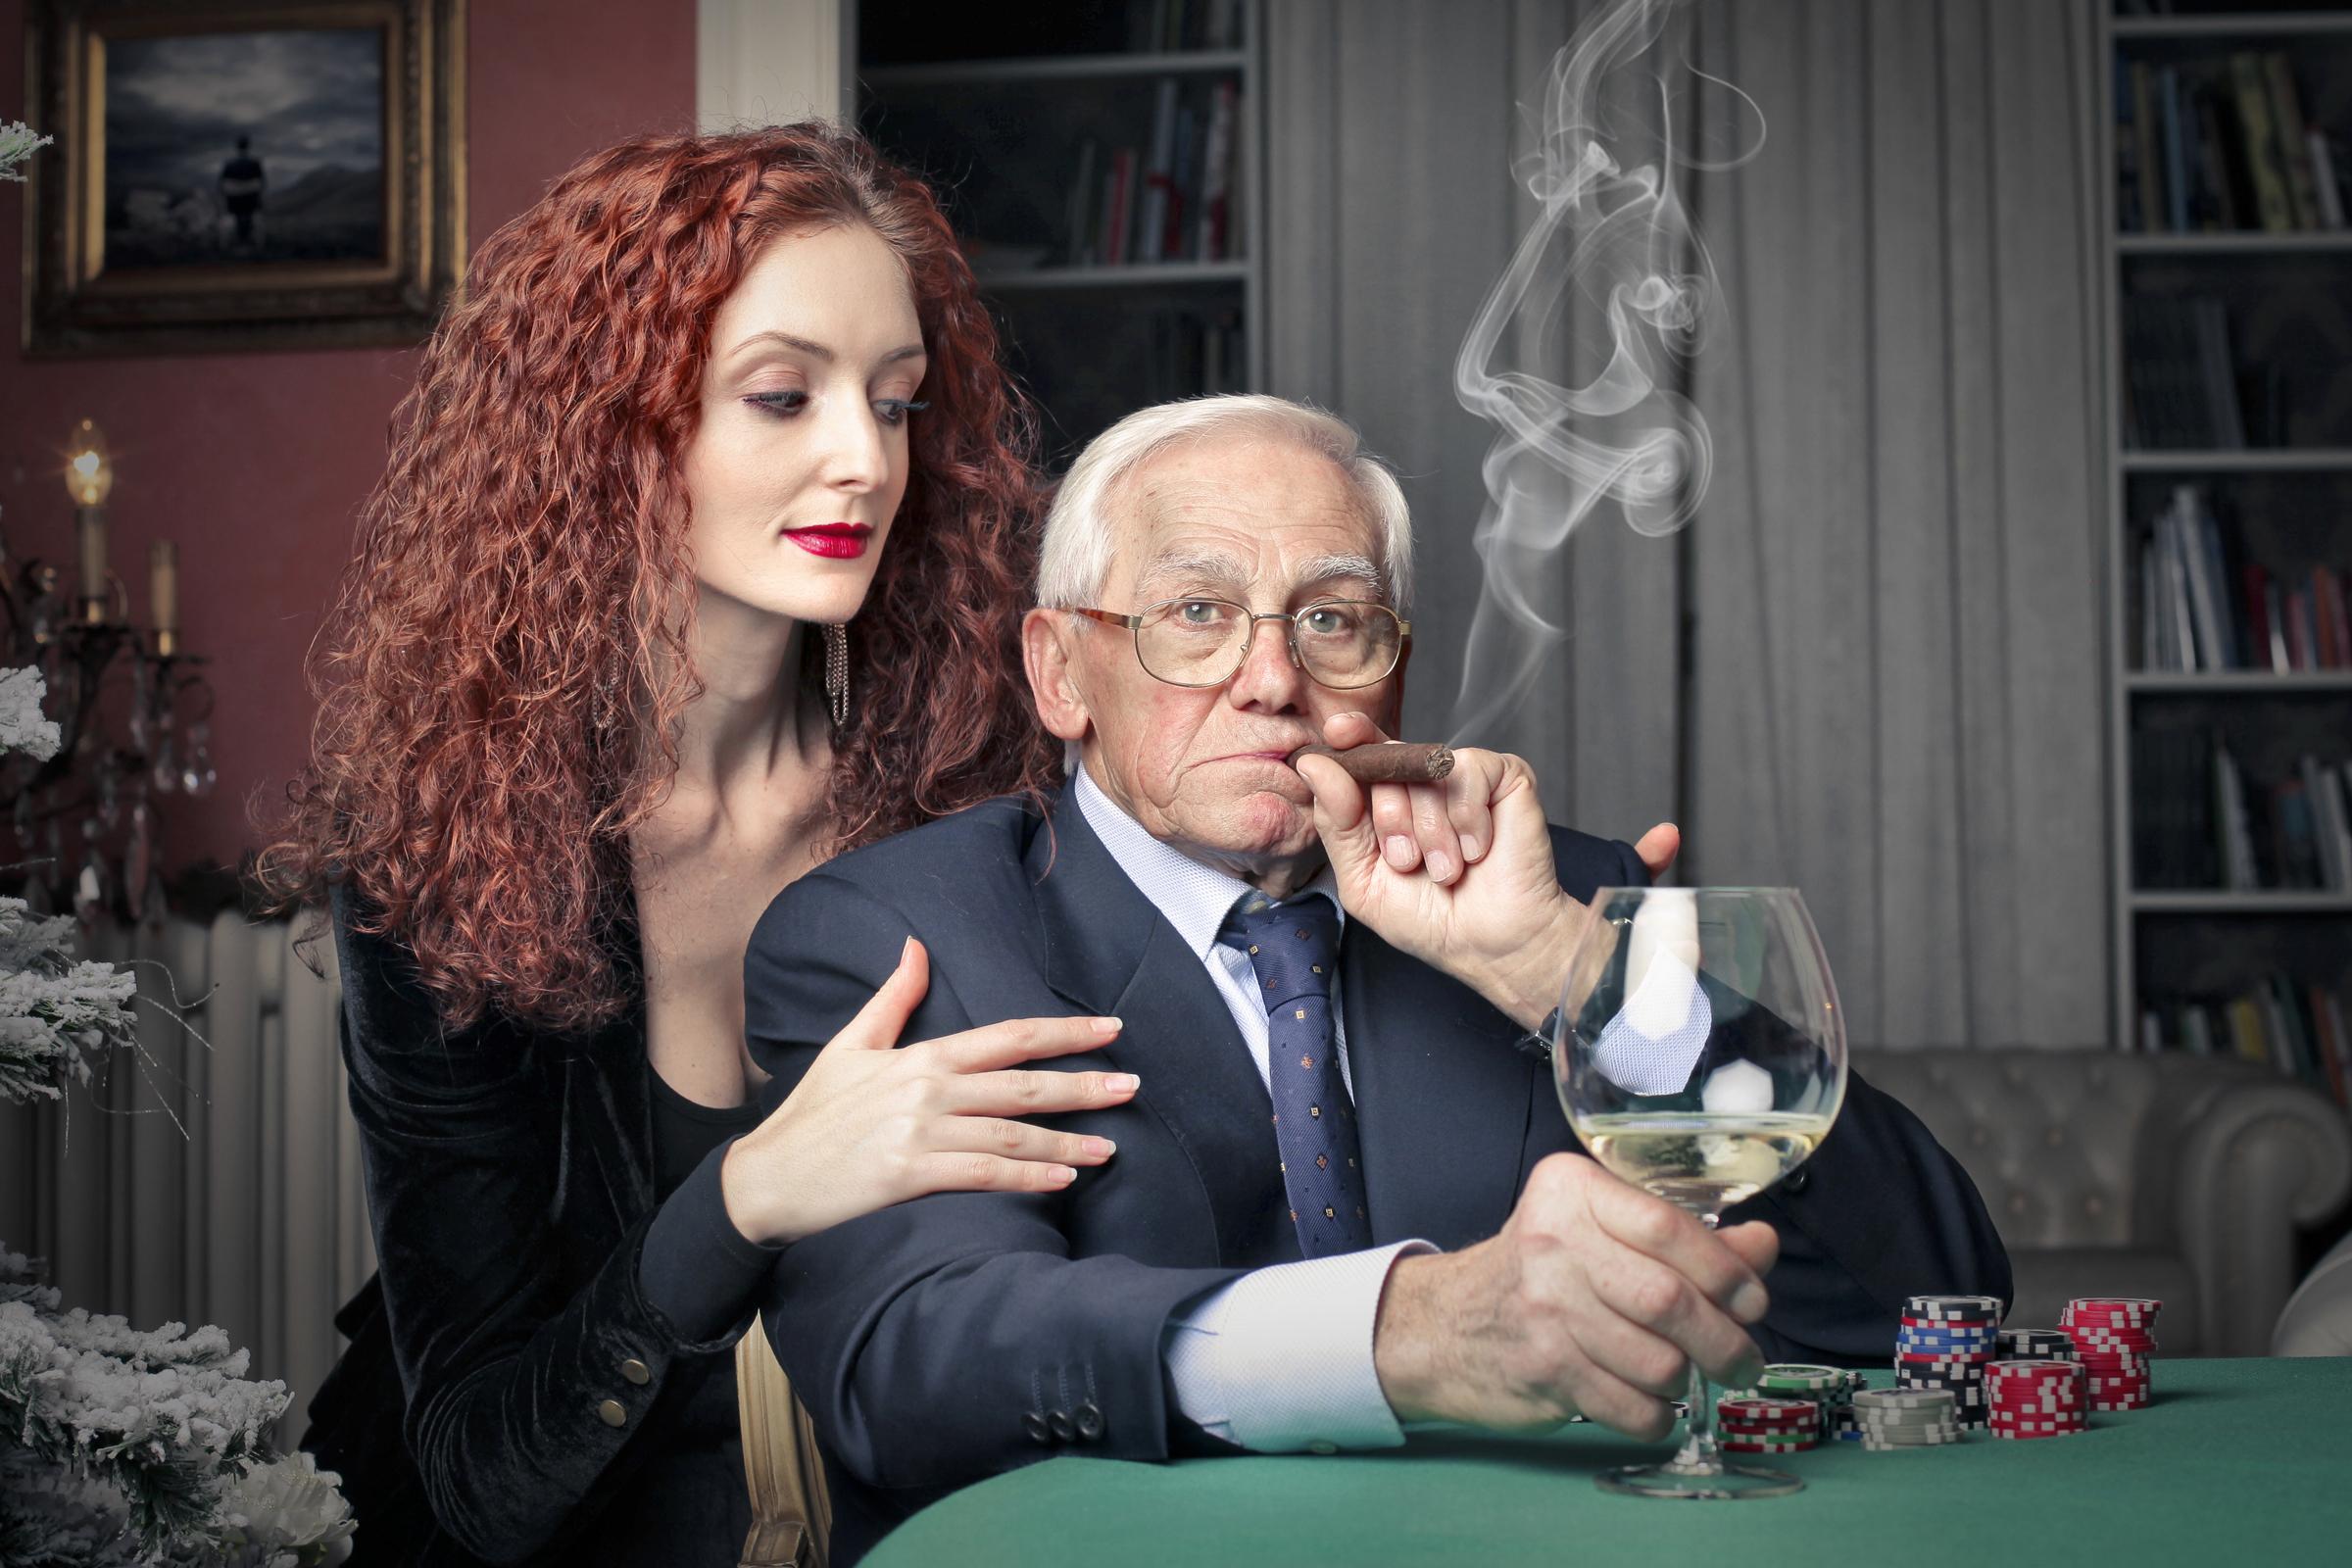 társkereső oldal idősebb férfi fiatalabb nő társkereső gibson les paul szokás